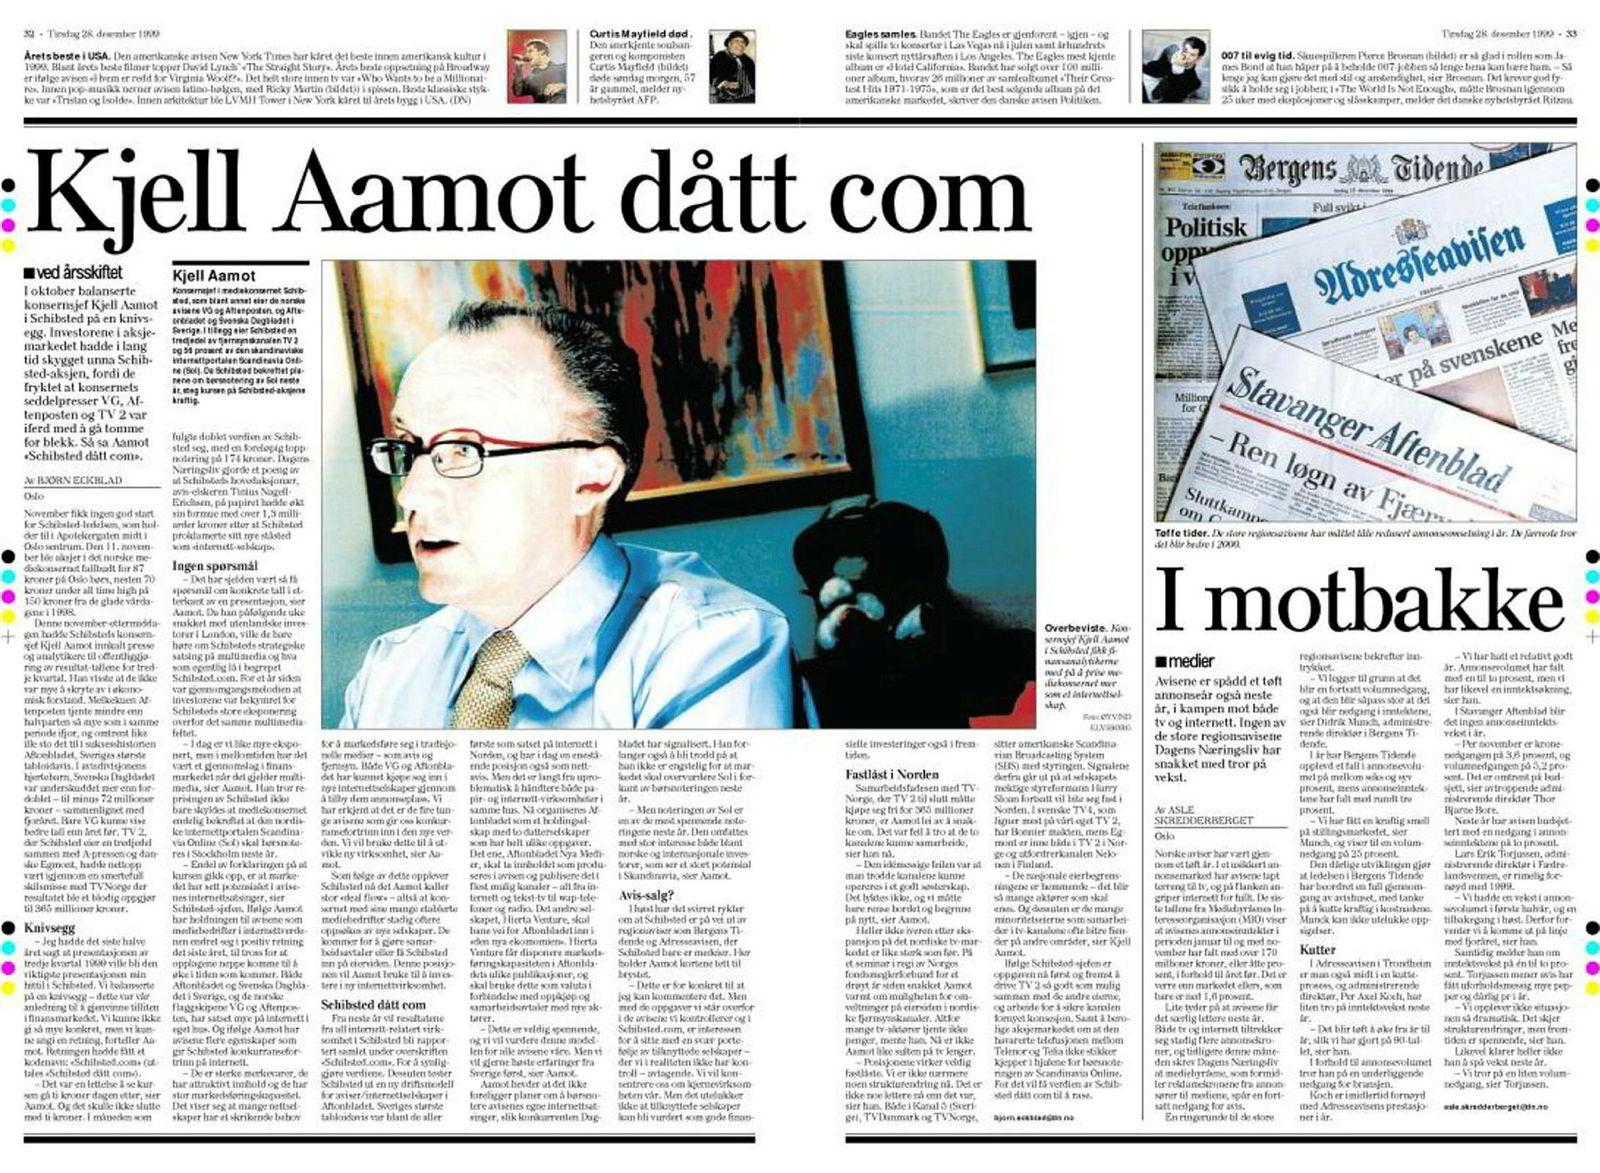 Konsernsjef Kjell Aamot ledet Schibsted gjennom den første fasen av digitaliseringen. DN 28. desember 1999